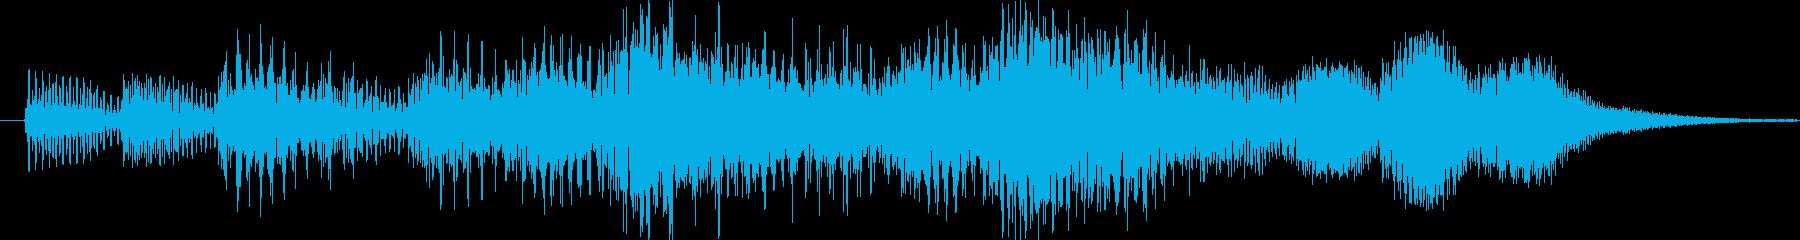 効果音的なワンポイント音です。の再生済みの波形